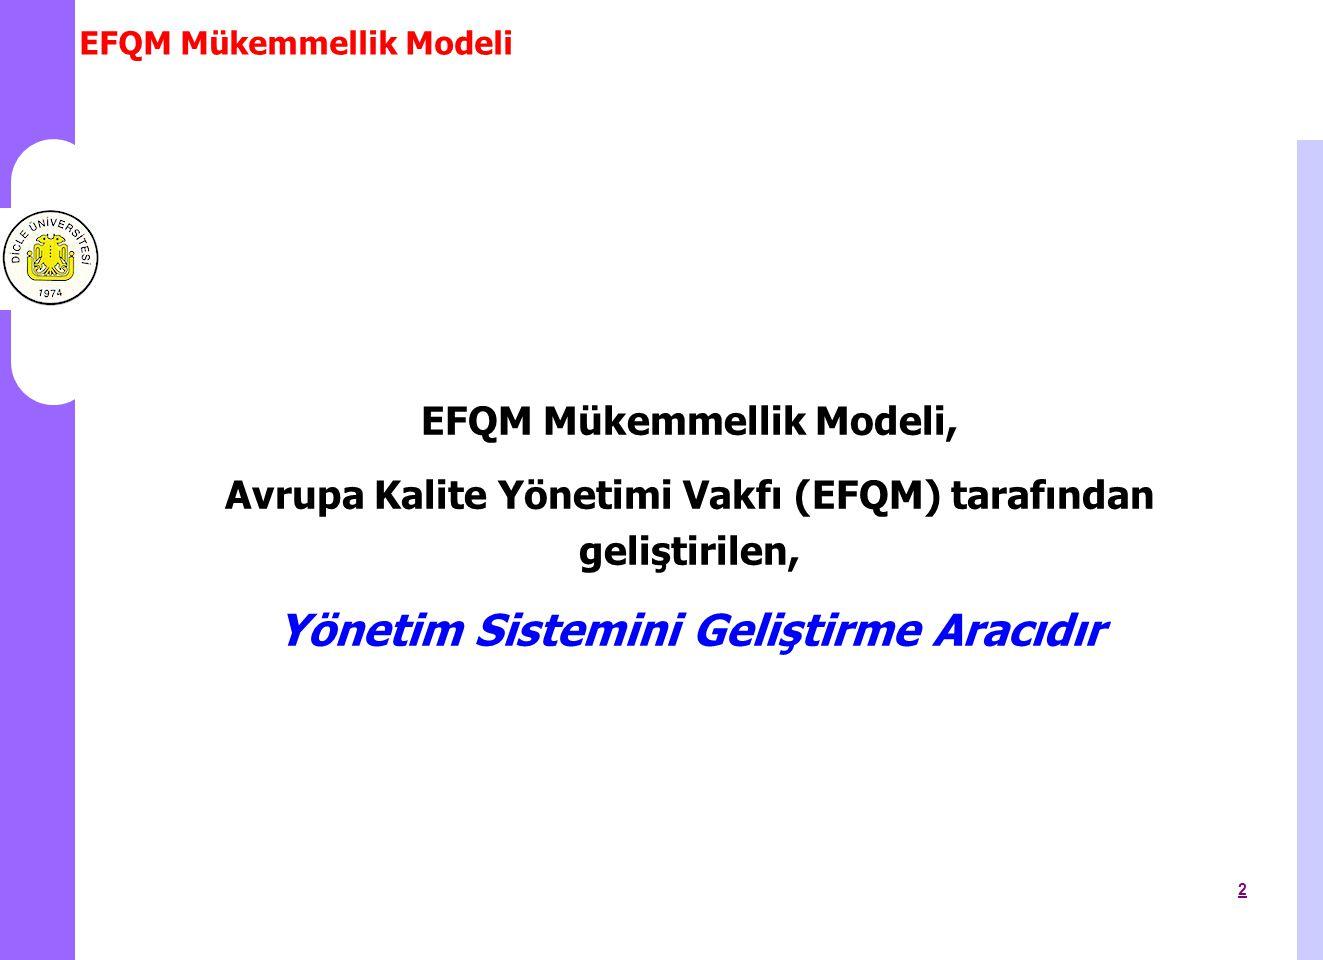 EFQM Mükemmellik Modeli 3 EFQM Mükemmellik Modeli, kuruluşların mükemmellik yolunda ilerleyip ilerlemediklerini ölçerek, kuvvetli yönlerini ve iyileştirmeye açık alanlarını görmelerini sağlayan, uygun çözümler bulmalarında rehberlik eden, bir özdeğerlendirme aracıdır.